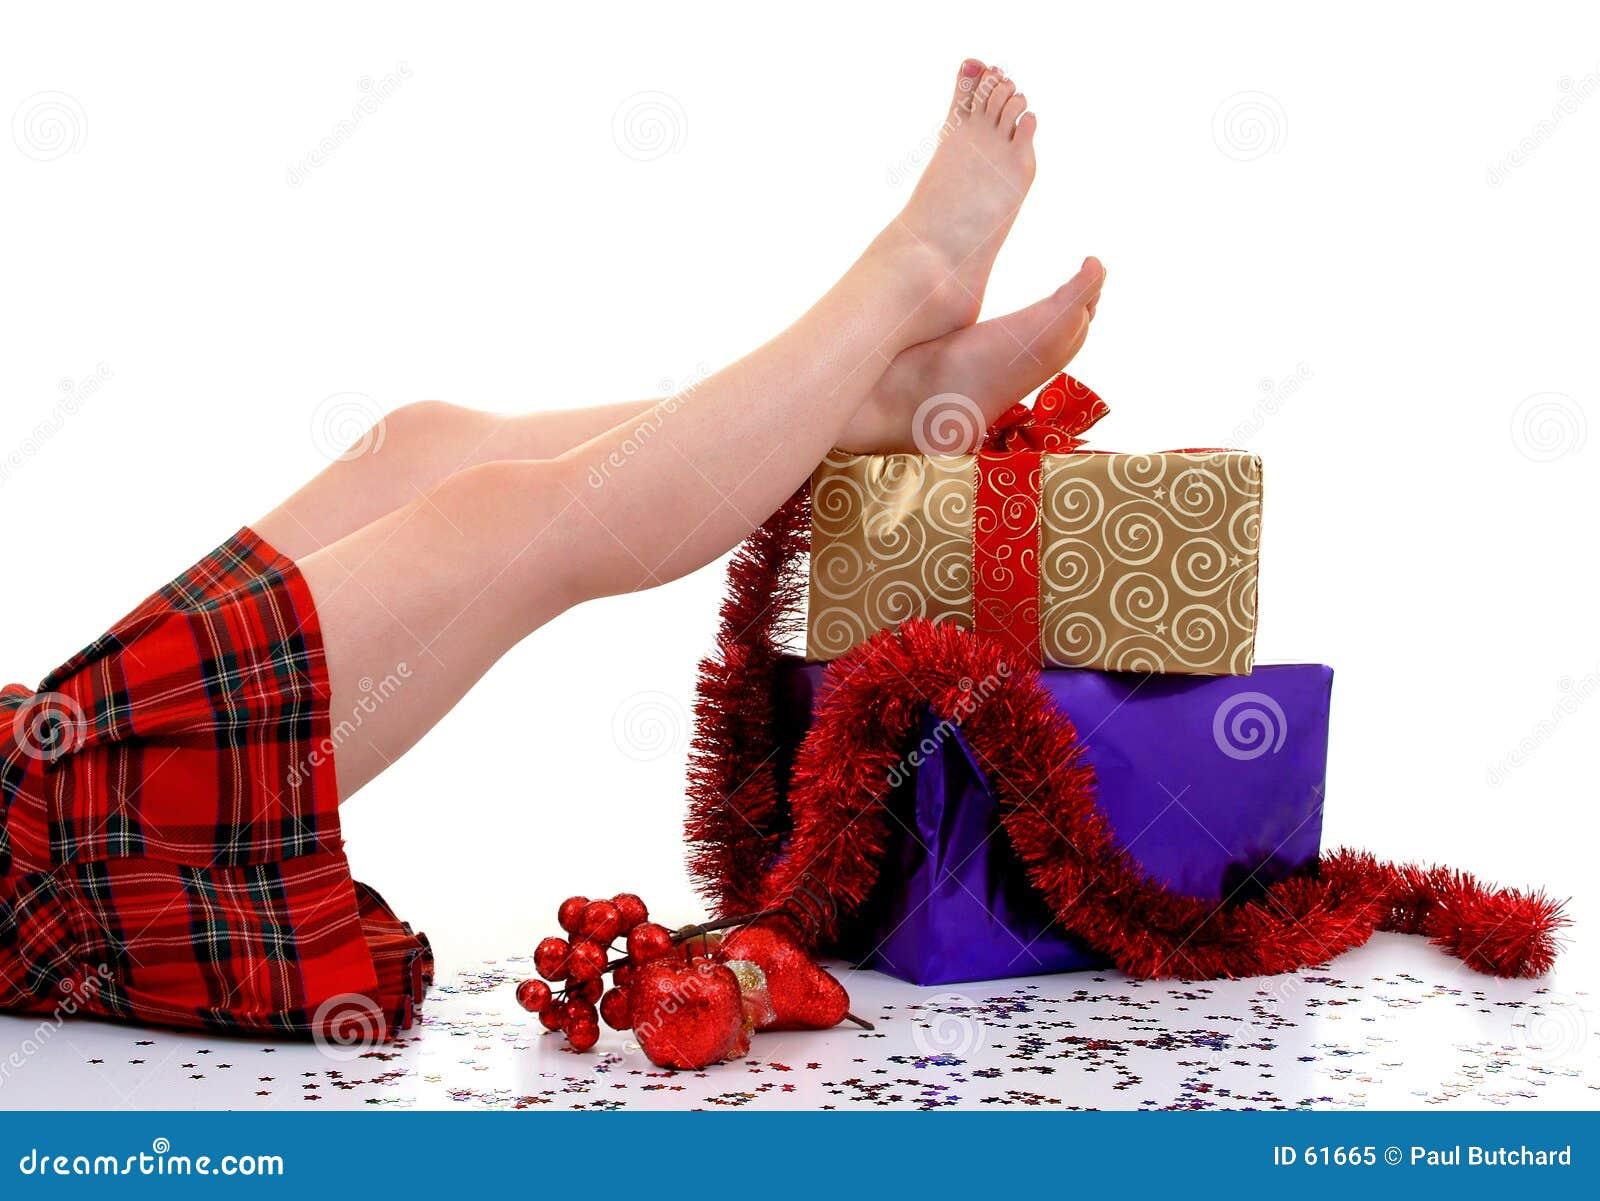 Download Colis de Noël image stock. Image du vous, fille, détendez - 61665